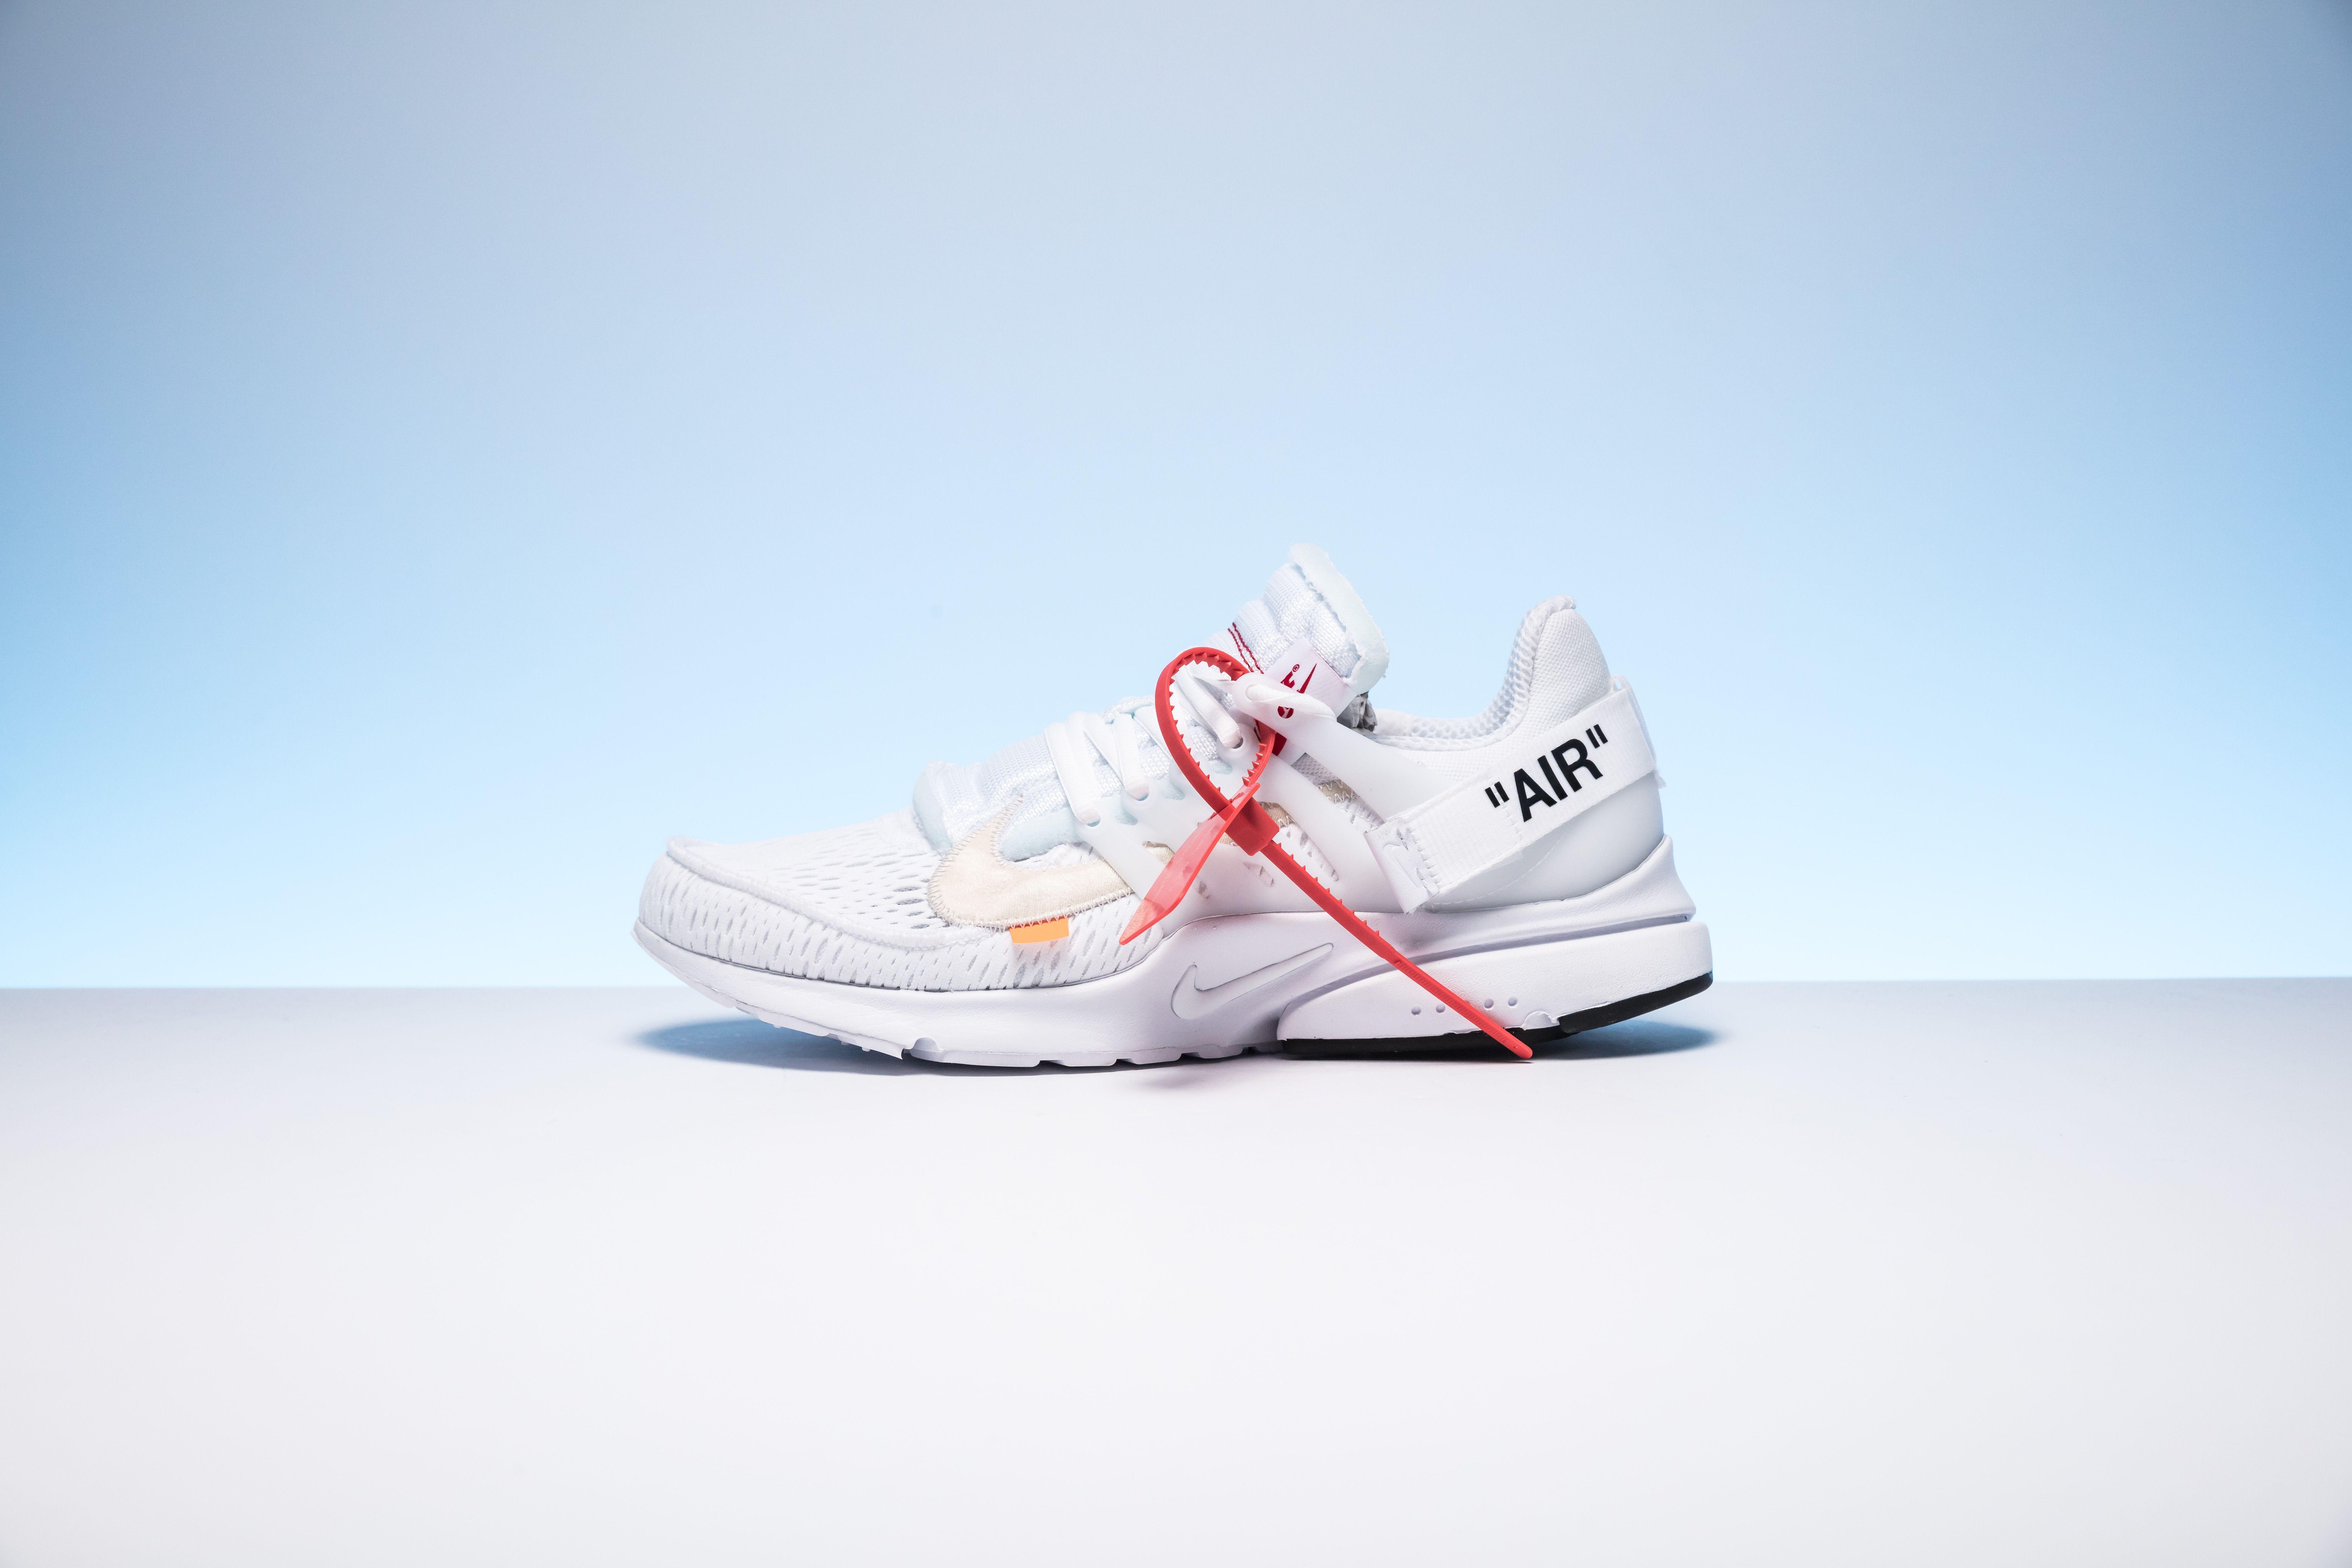 The 10 Nike Air Presto Off White Polar Opposites White